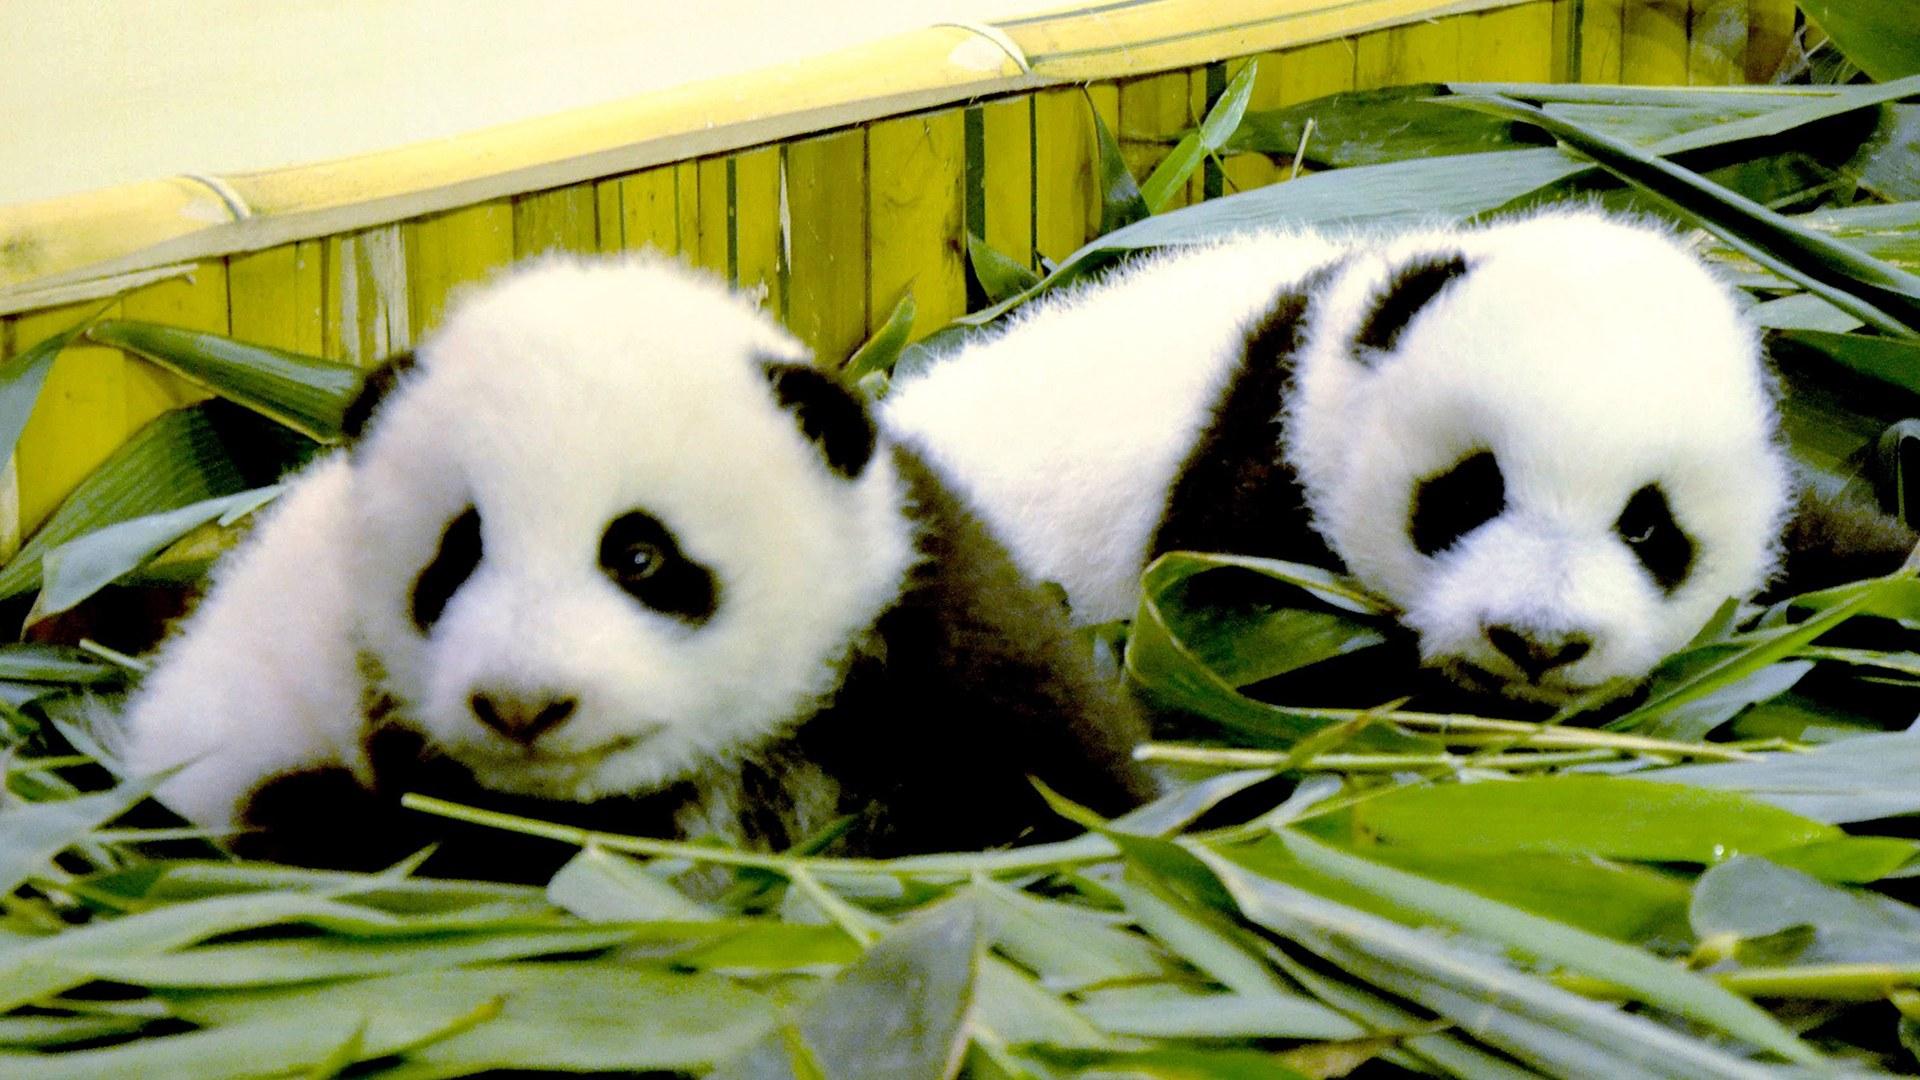 Image: CHINA-ANIMAL-GIANT-PANDA